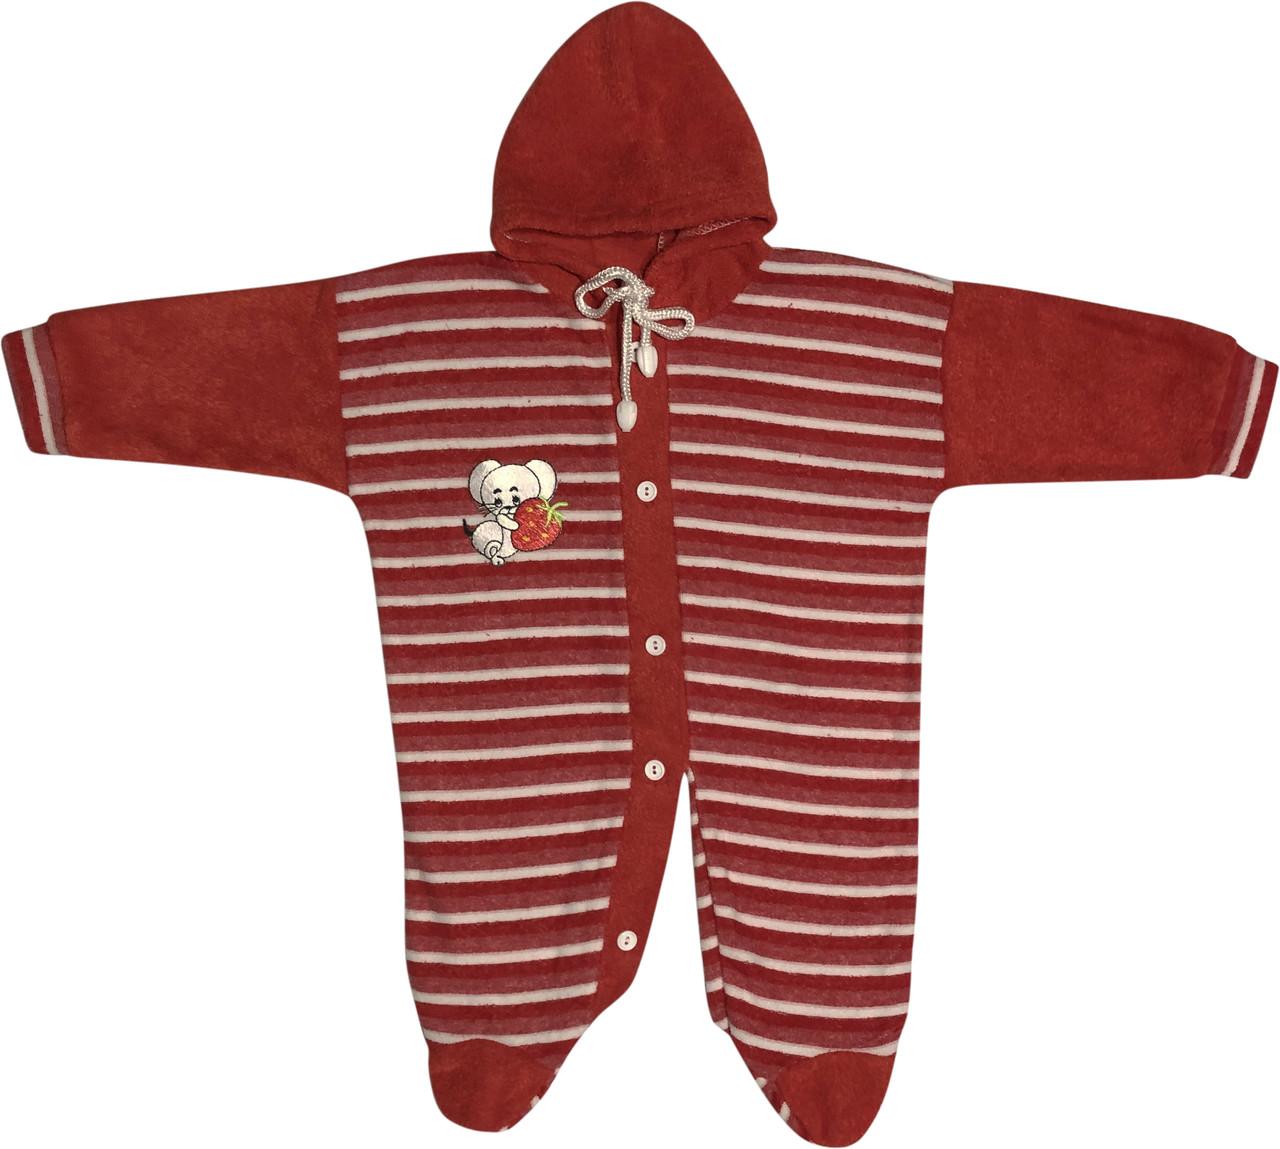 Детский тёплый человечек рост 62 2-3 мес махровый красный на девочку слип с капюшоном для новорожденных малышей Н002